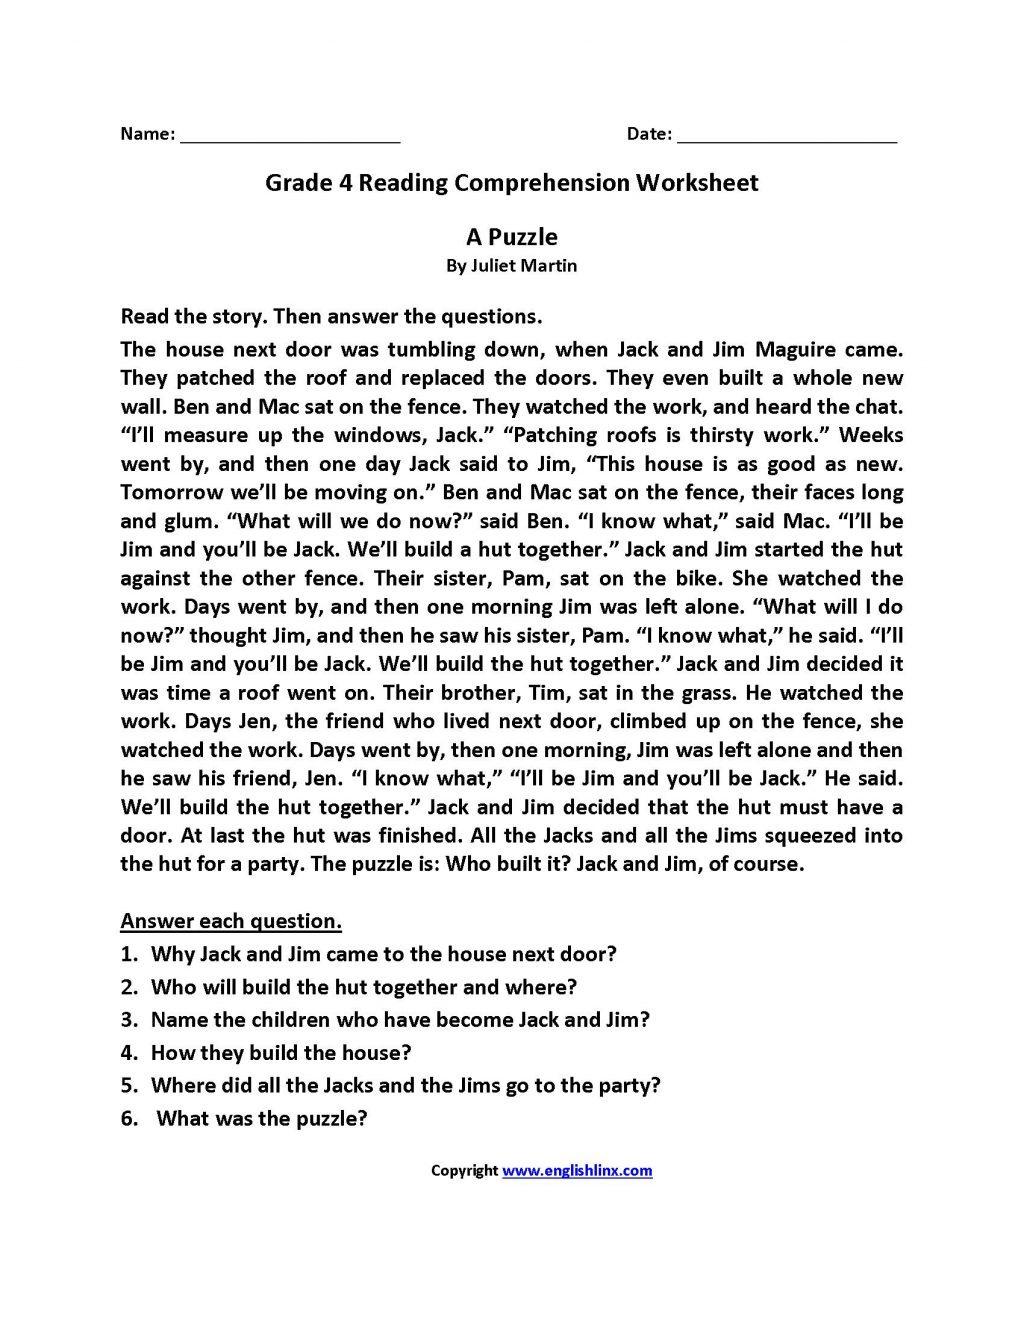 Worksheet Ideas 3rd Grade Reading Comprehension Worksheets